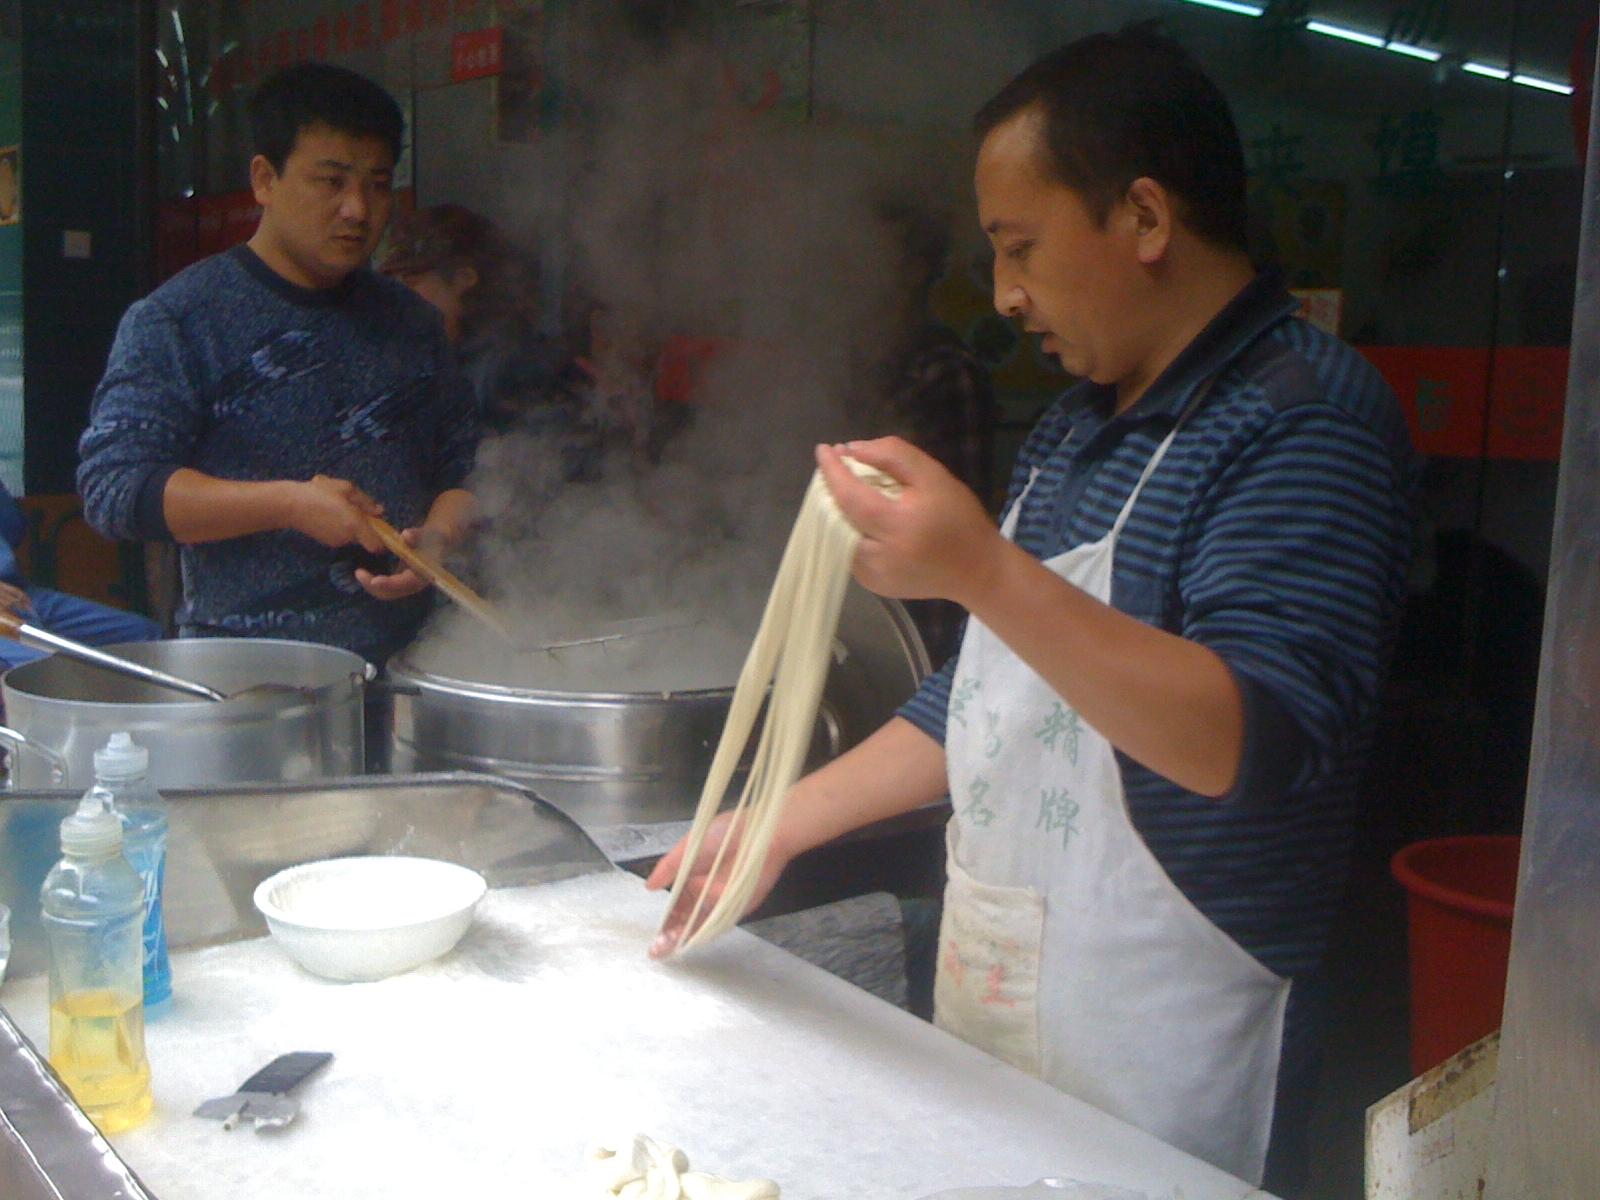 蘭州ラーメン:中国の職人芸